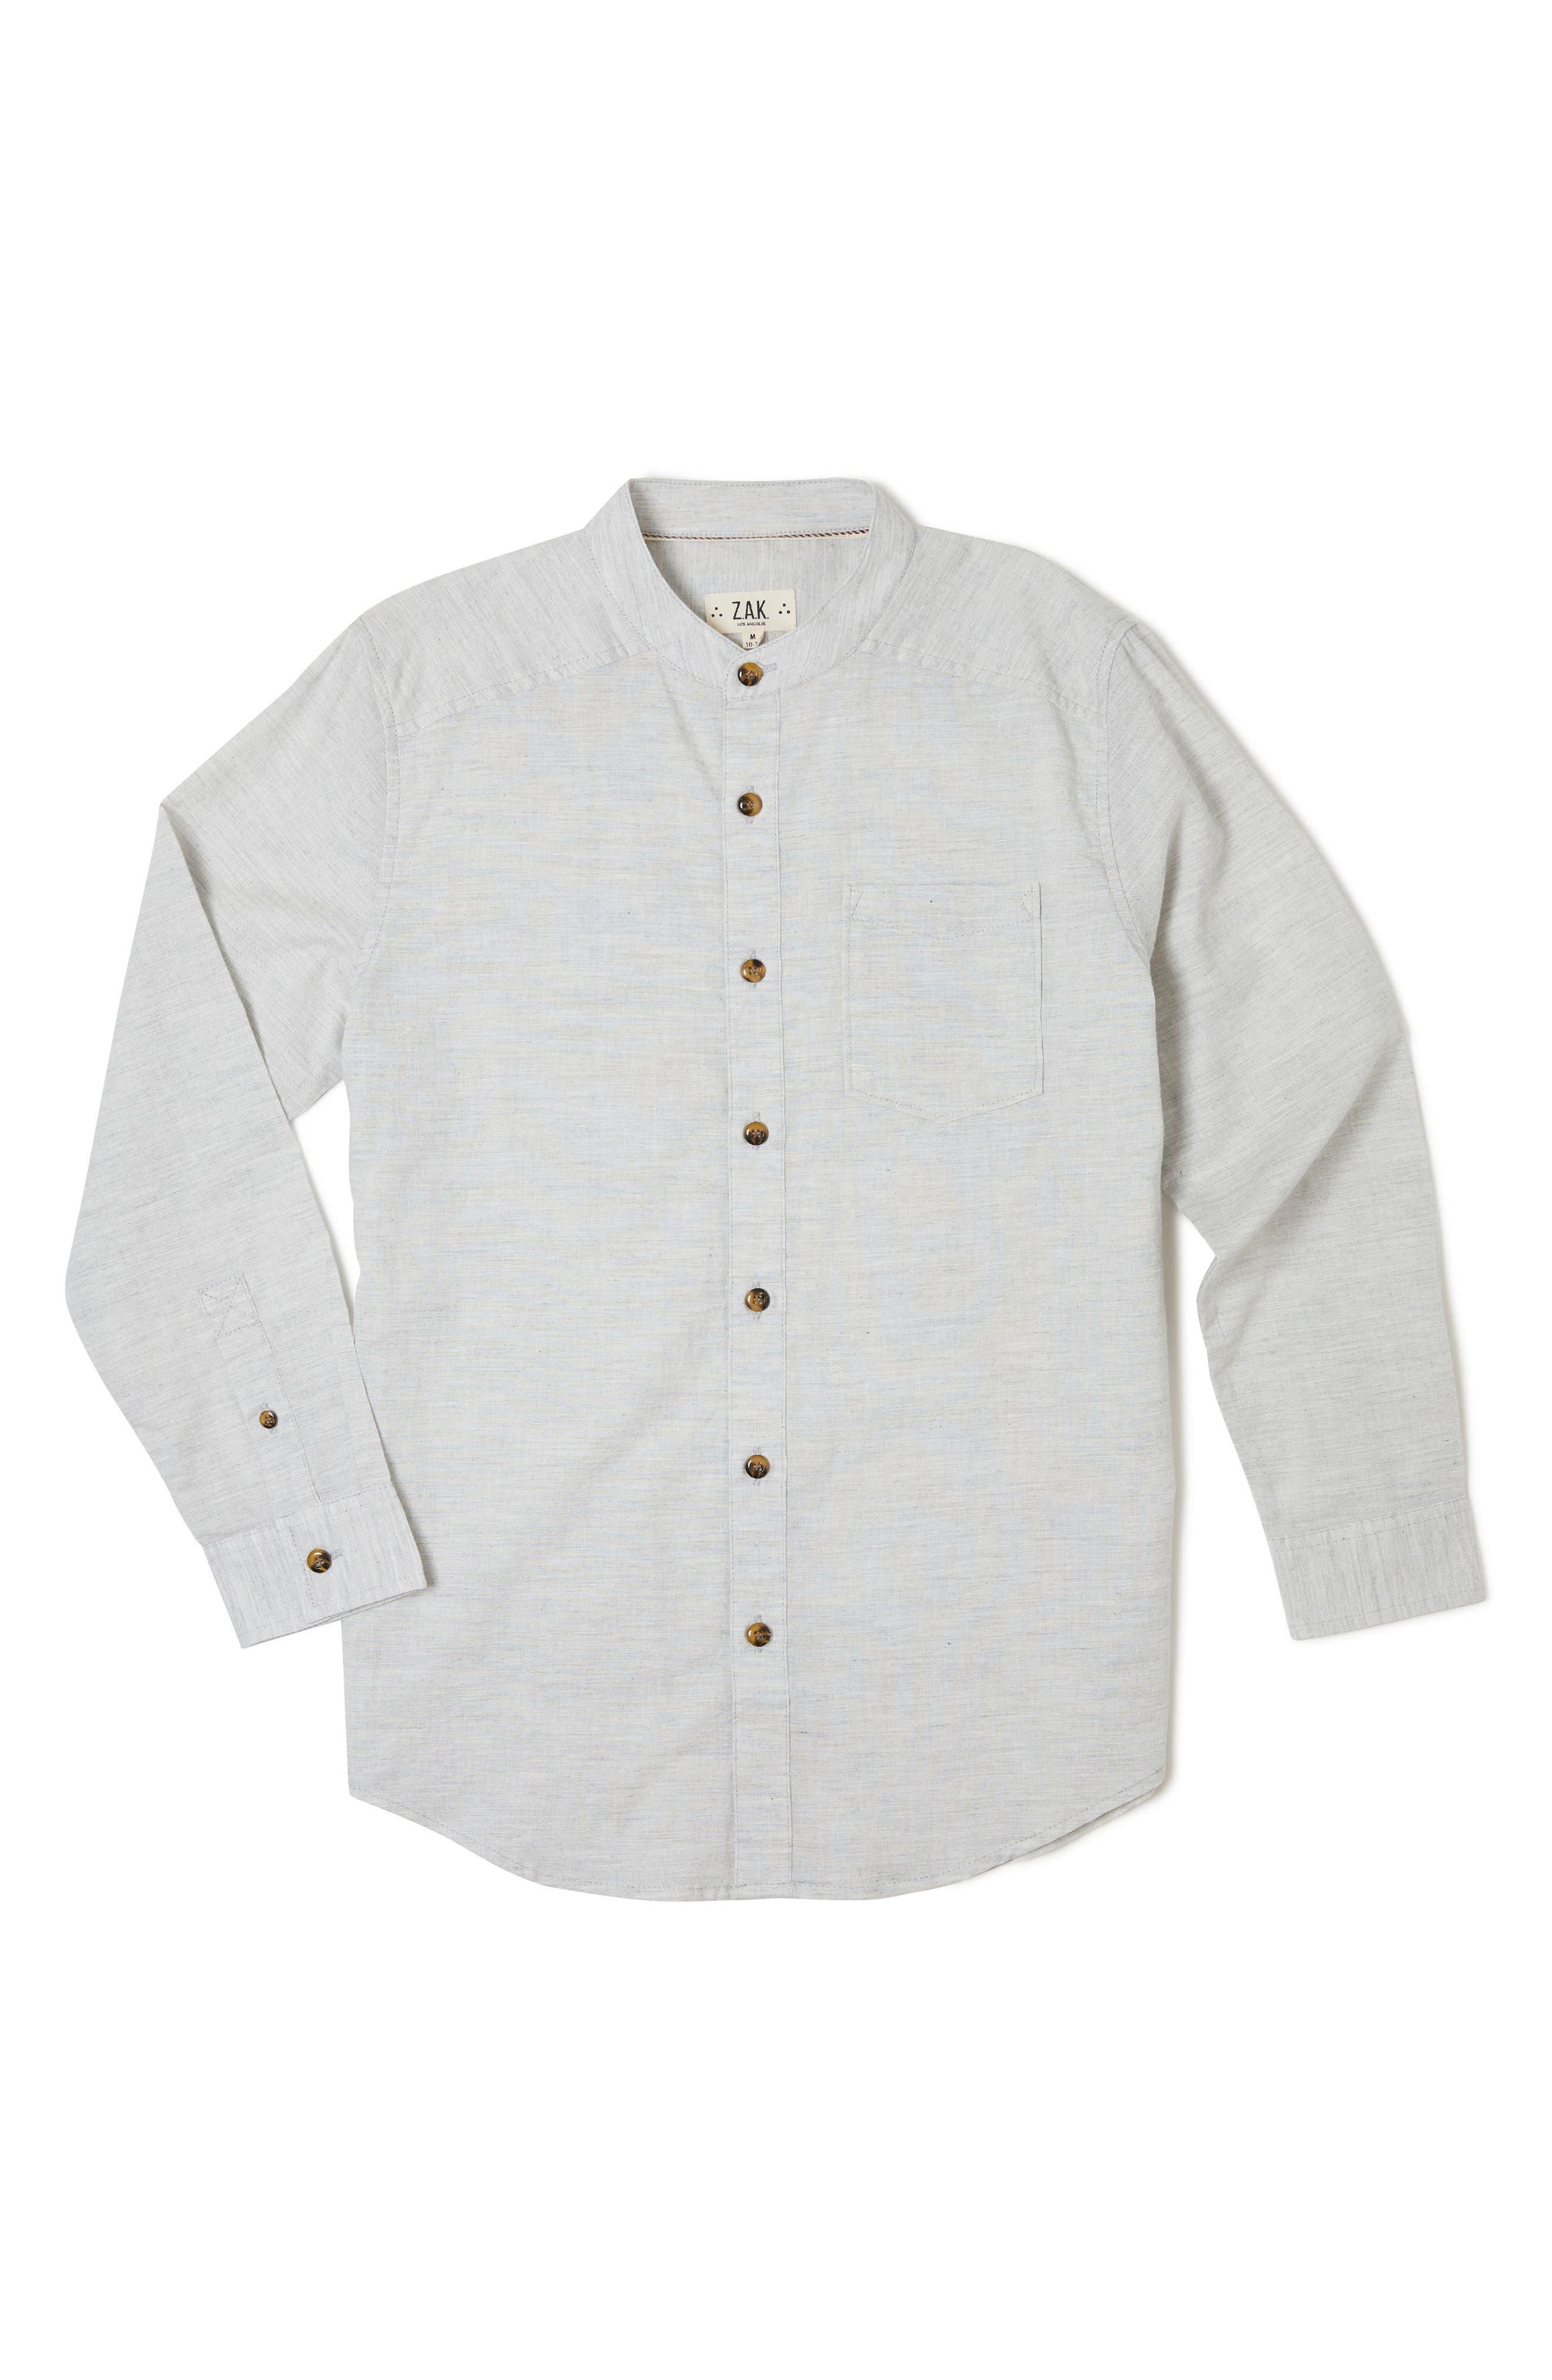 Rancho Long Sleeve Shirt,                             Main thumbnail 1, color,                             Grey